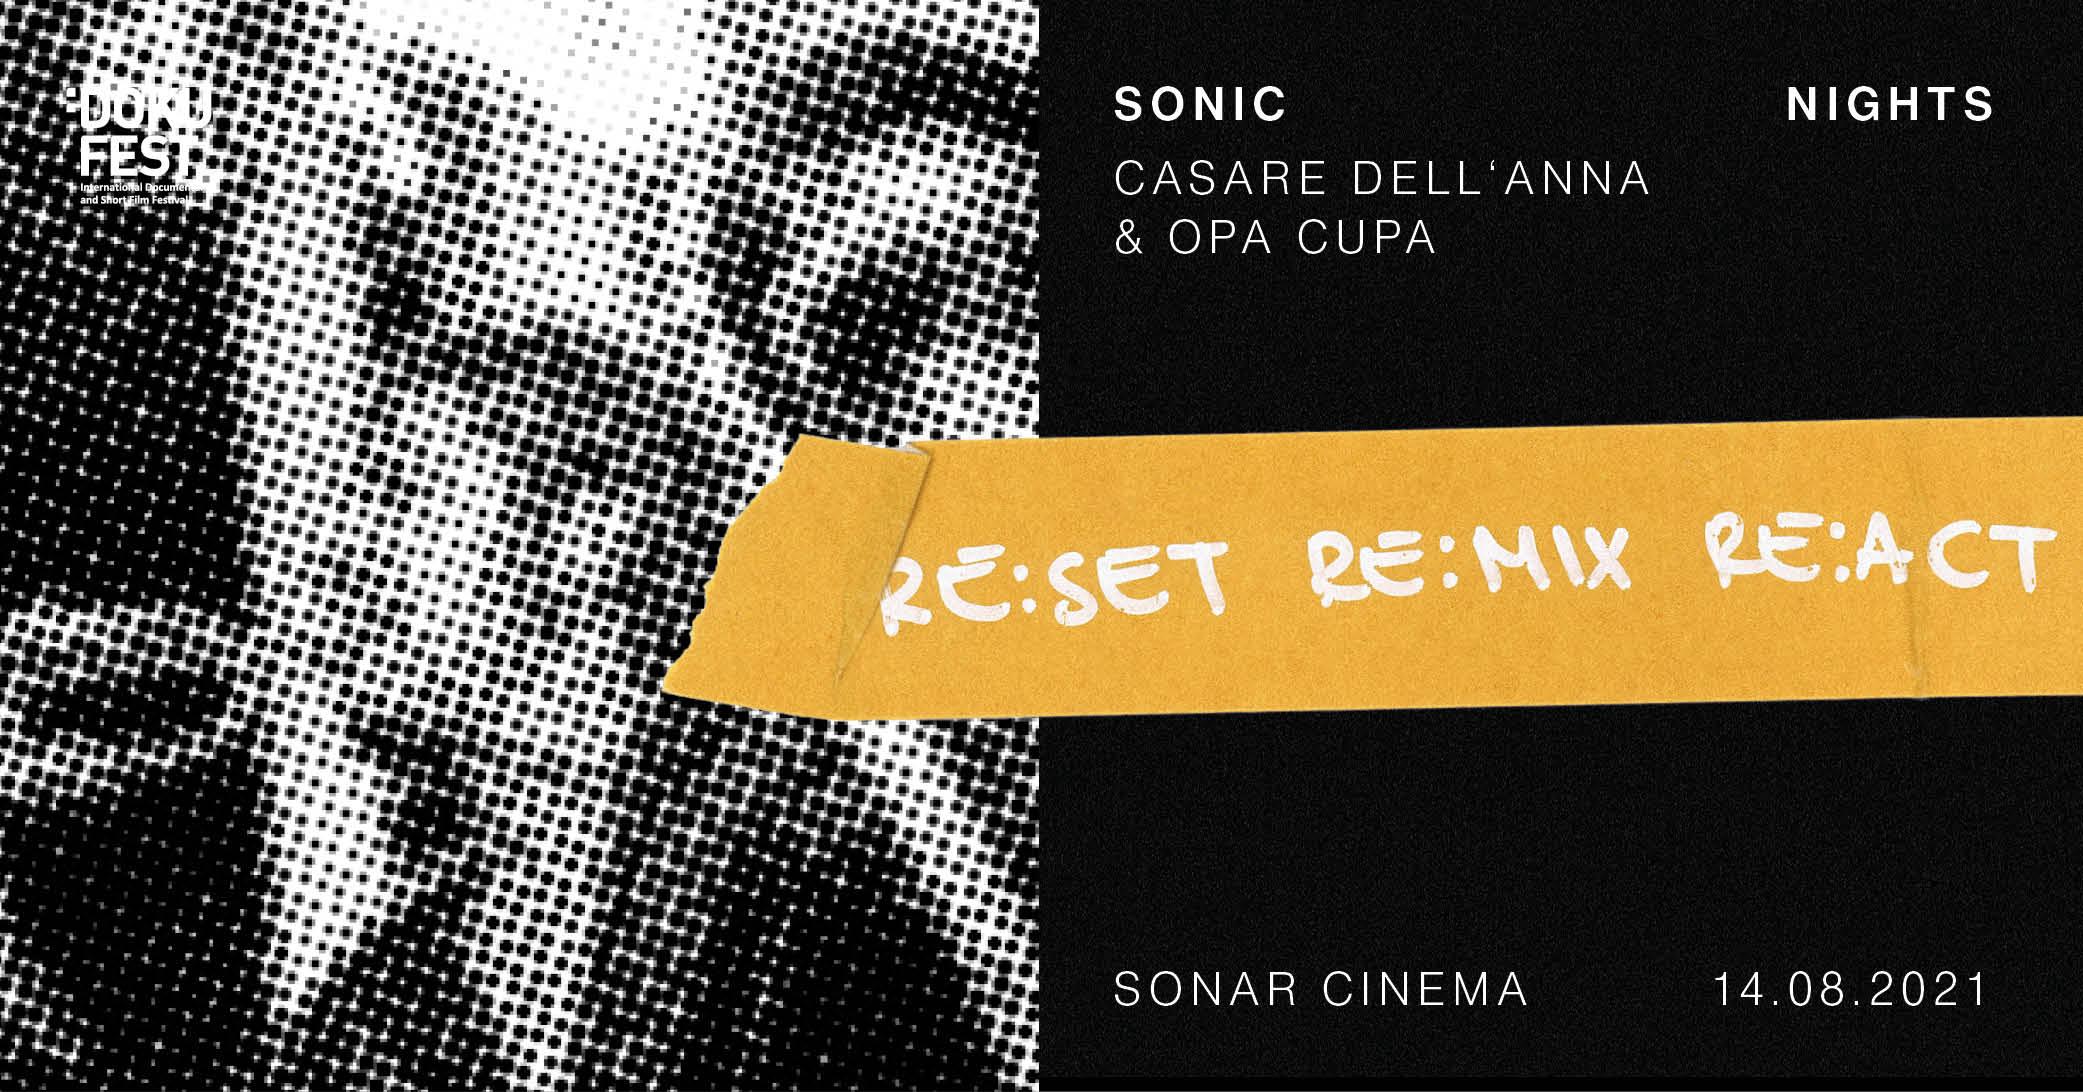 CESARE DELL'ANNA & OPA CUPA @SONIC NIGHTS